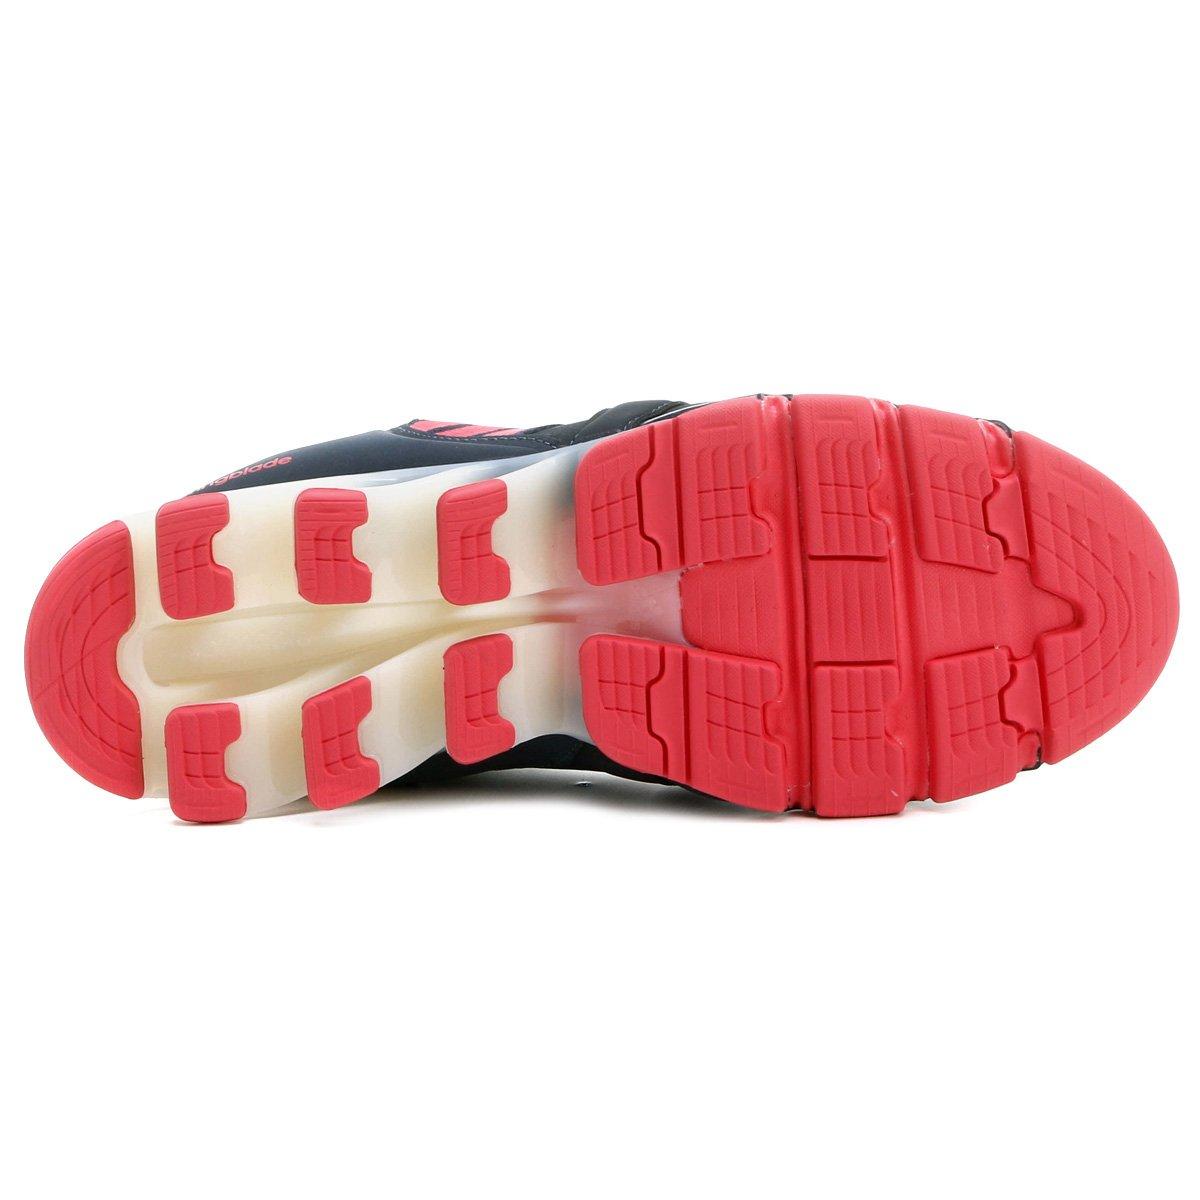 super popular ba0ec d68a8 ... uk tênis adidas springblade e force feminino azul e pink 6c9d0 6e77f ...